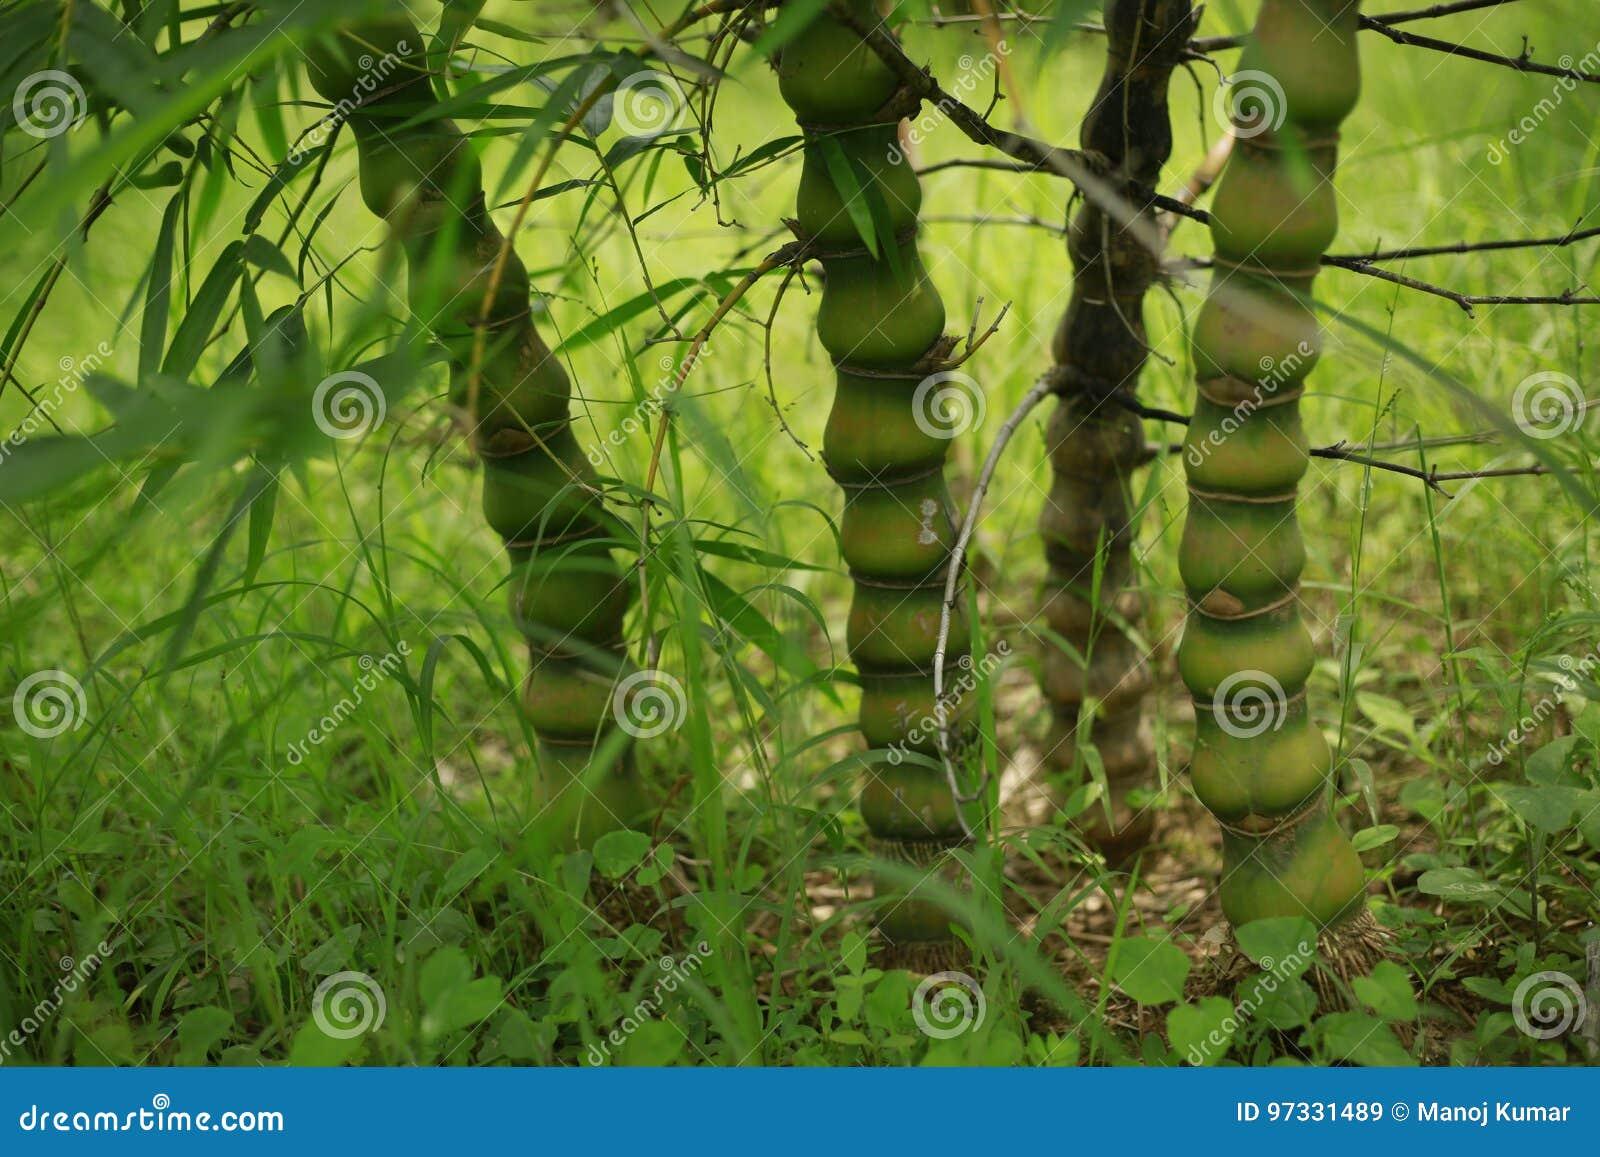 Bambusanlage